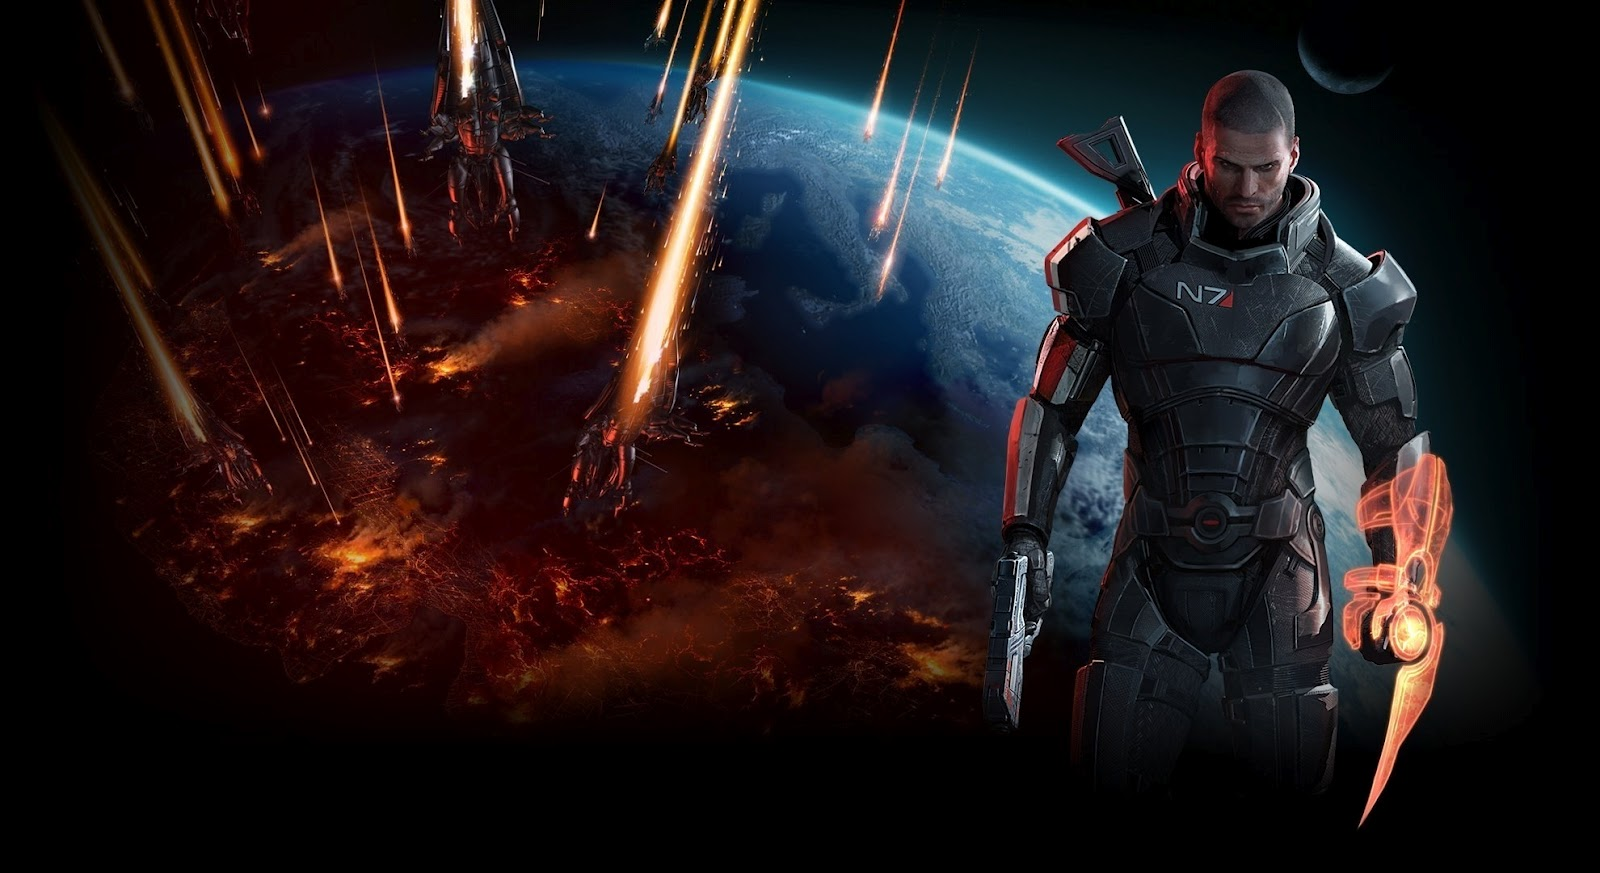 http://2.bp.blogspot.com/-sTiukQASNps/UEyRfCZ6olI/AAAAAAAAARs/WKvHe5pHfns/s1600/Mass+Effect+3+Wallpaper,HD+108p,+1920x1080,+captain,+shepard.jpg